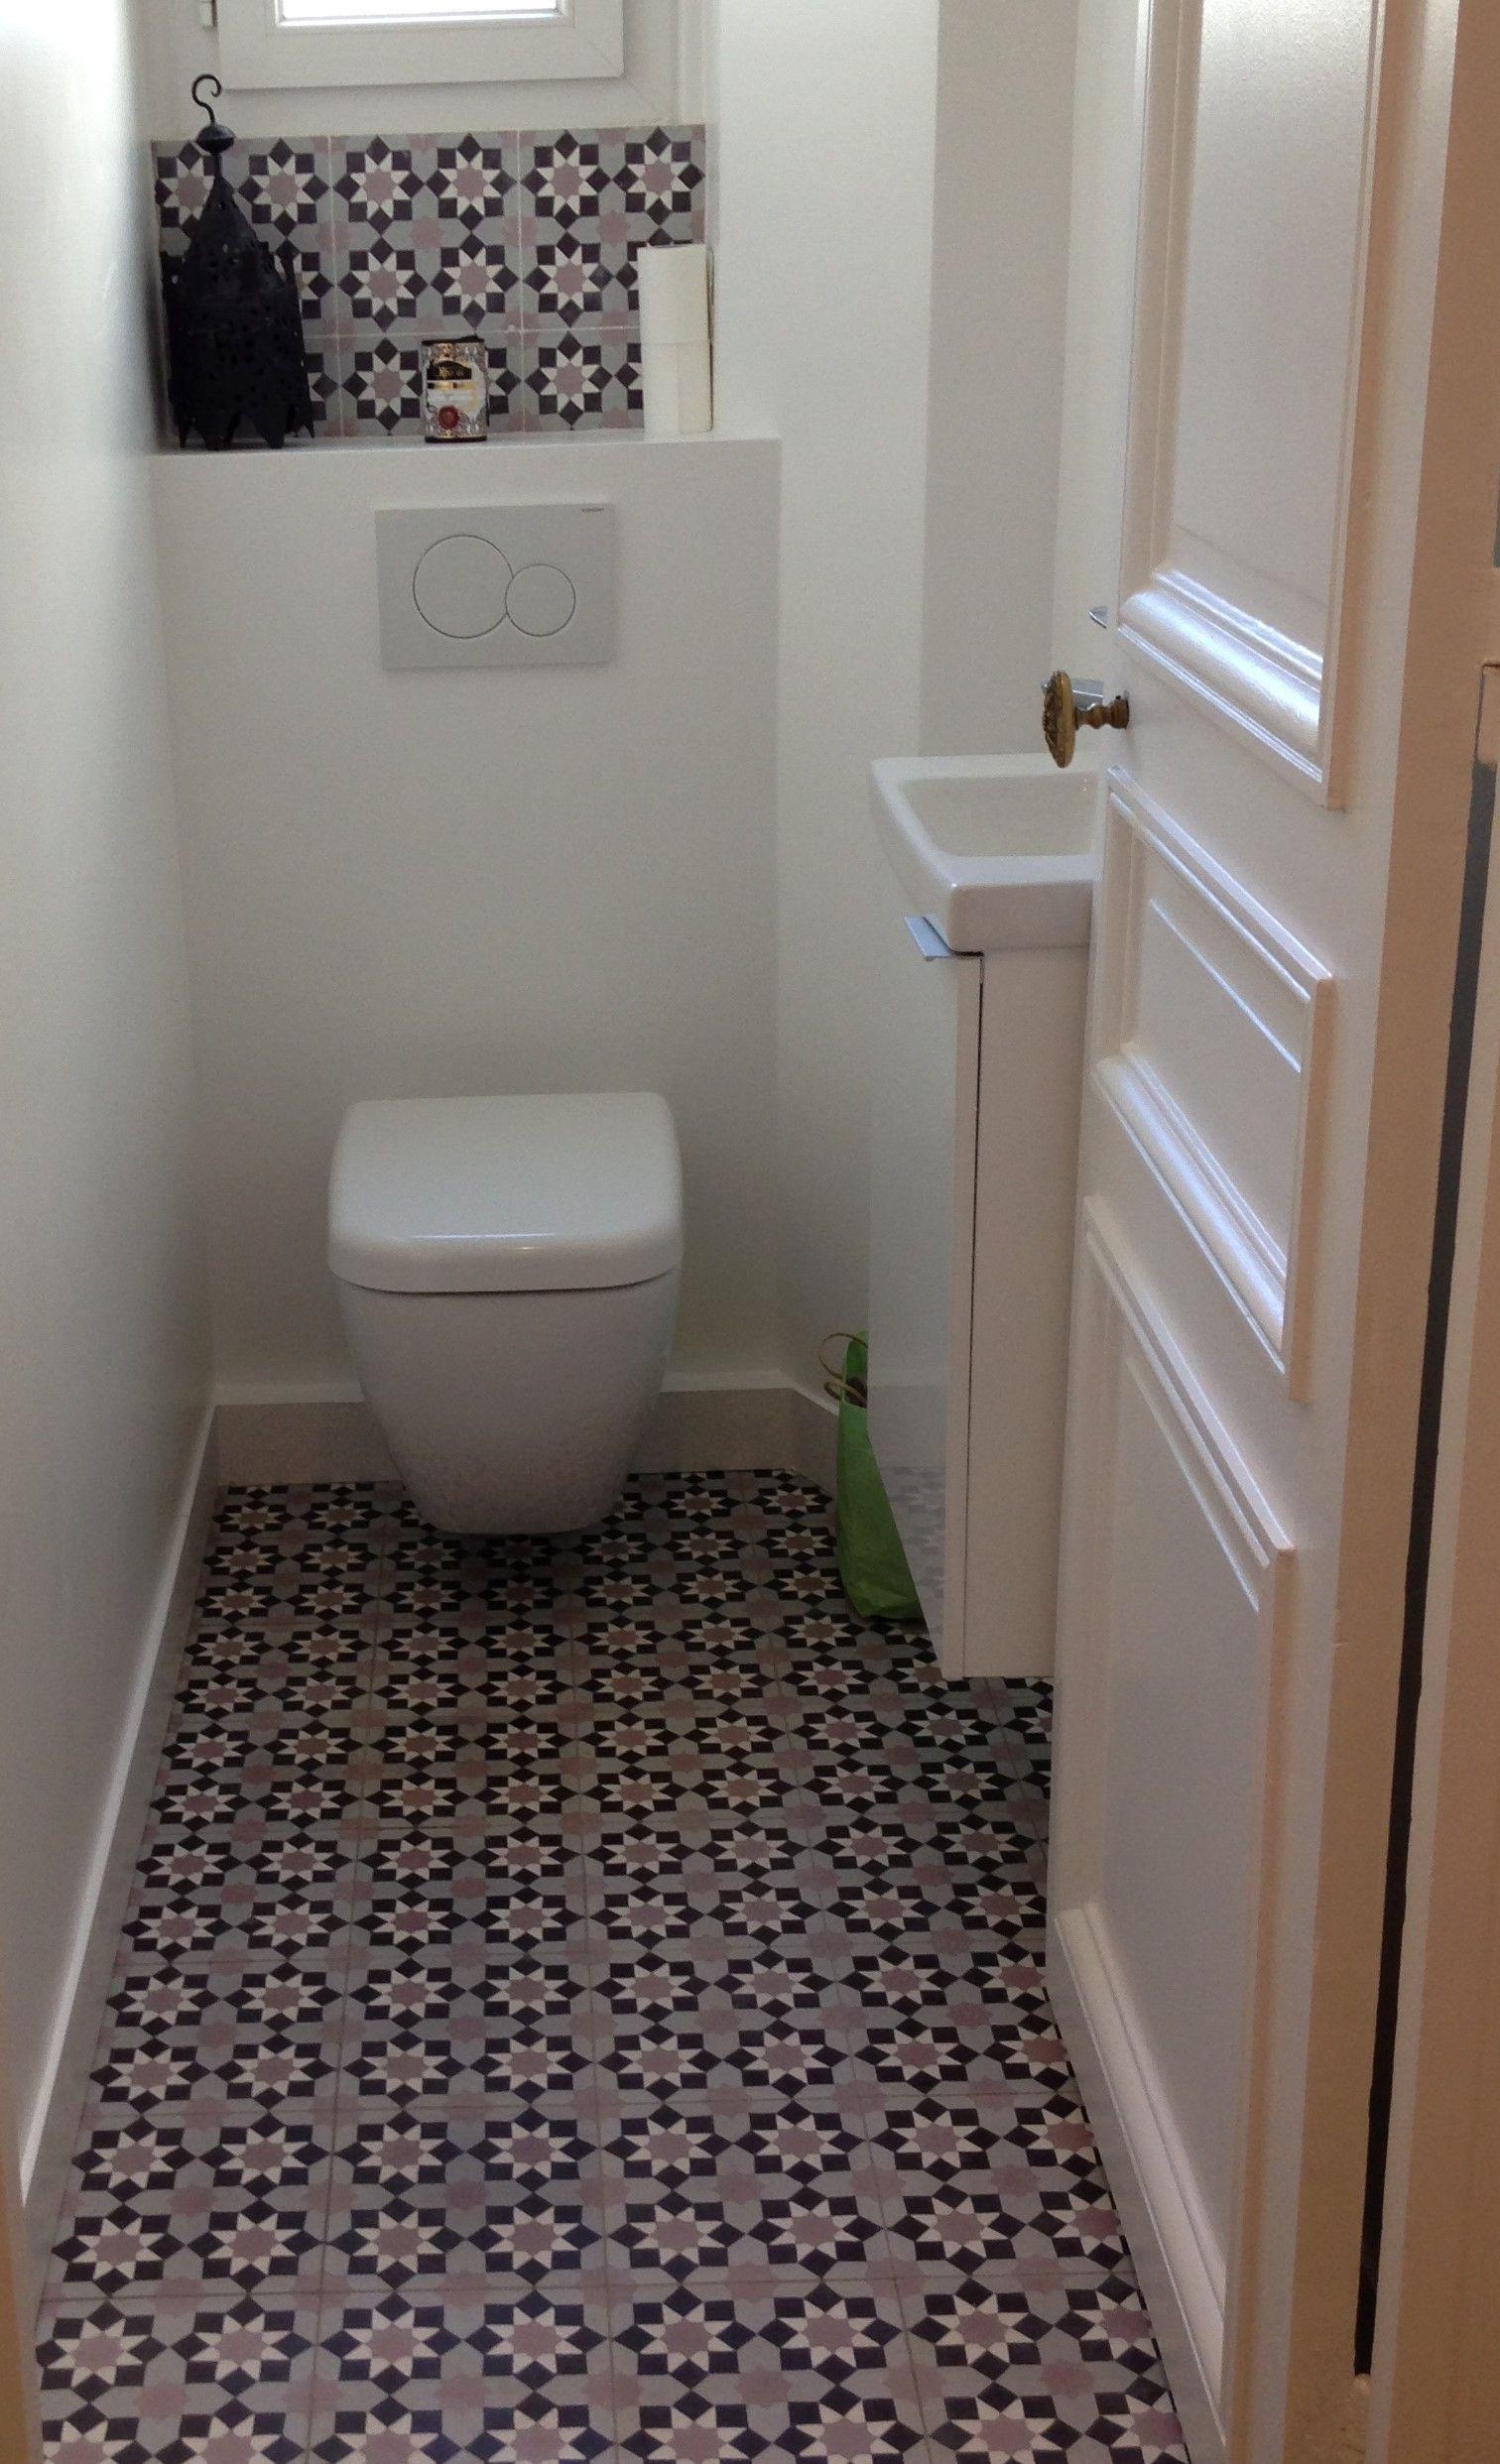 Carreaux De Ciment Cement Tiles Motif Fes Bathroom Design